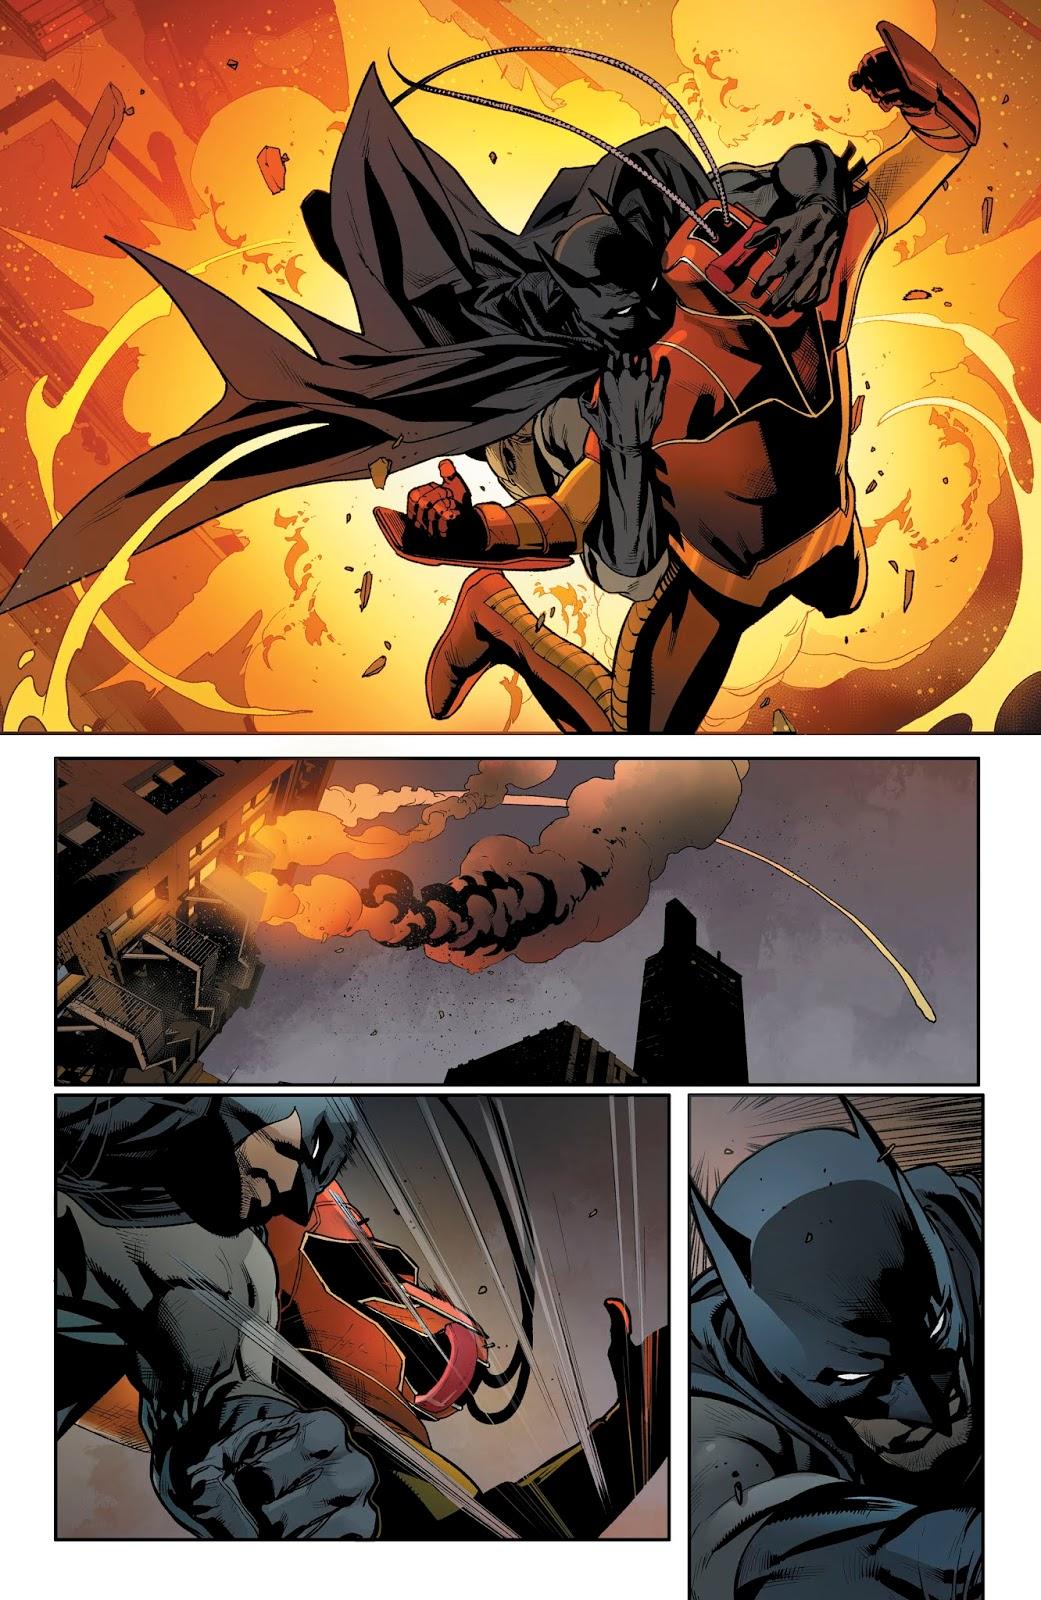 Batman VS Firefly (Detective Comics Vol. 1 #988)